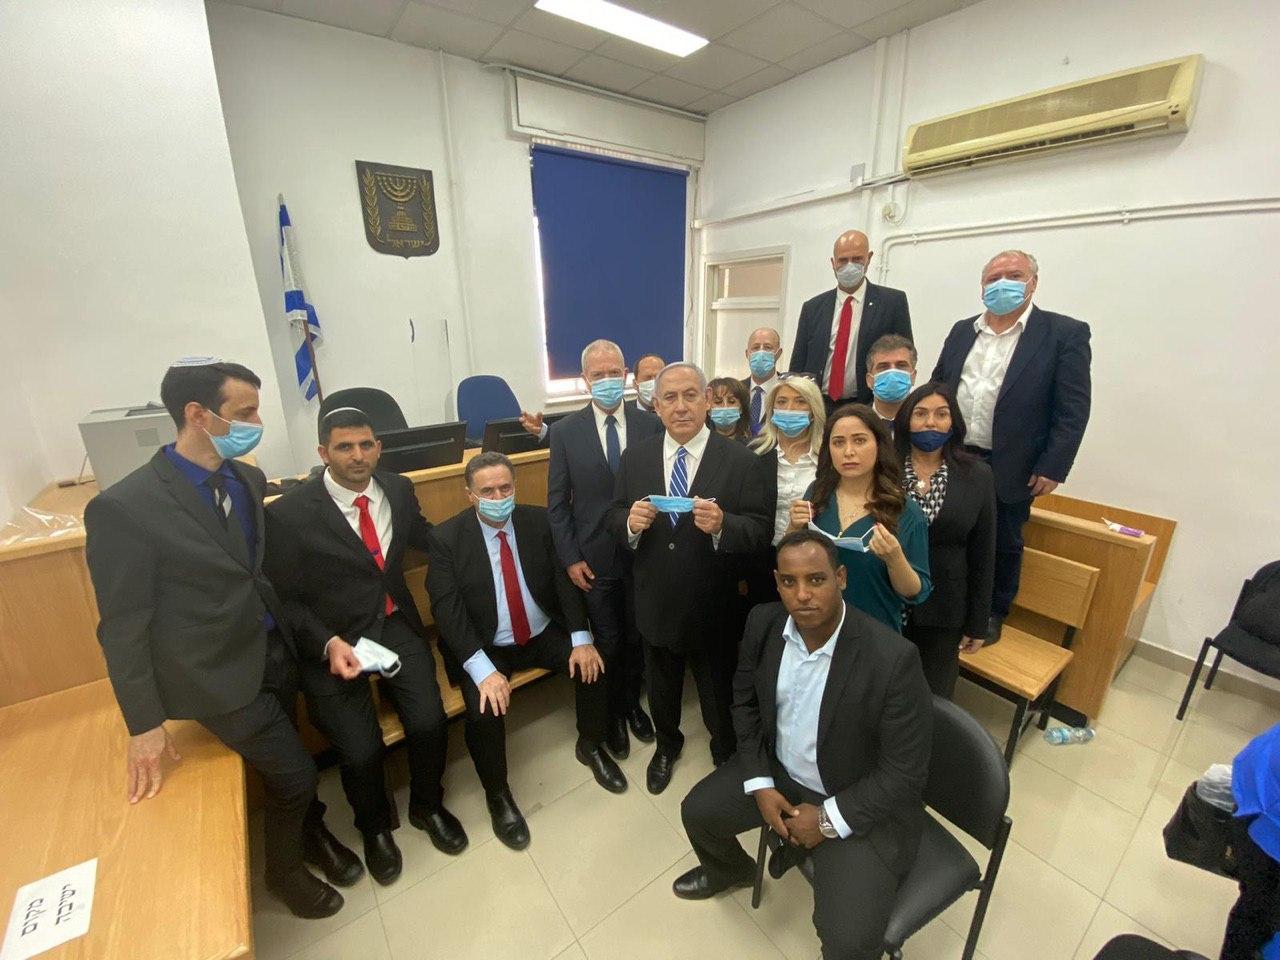 """نتنياهو يمثل للمحاكمة: """"استهدافي شخصي وسياسي"""""""